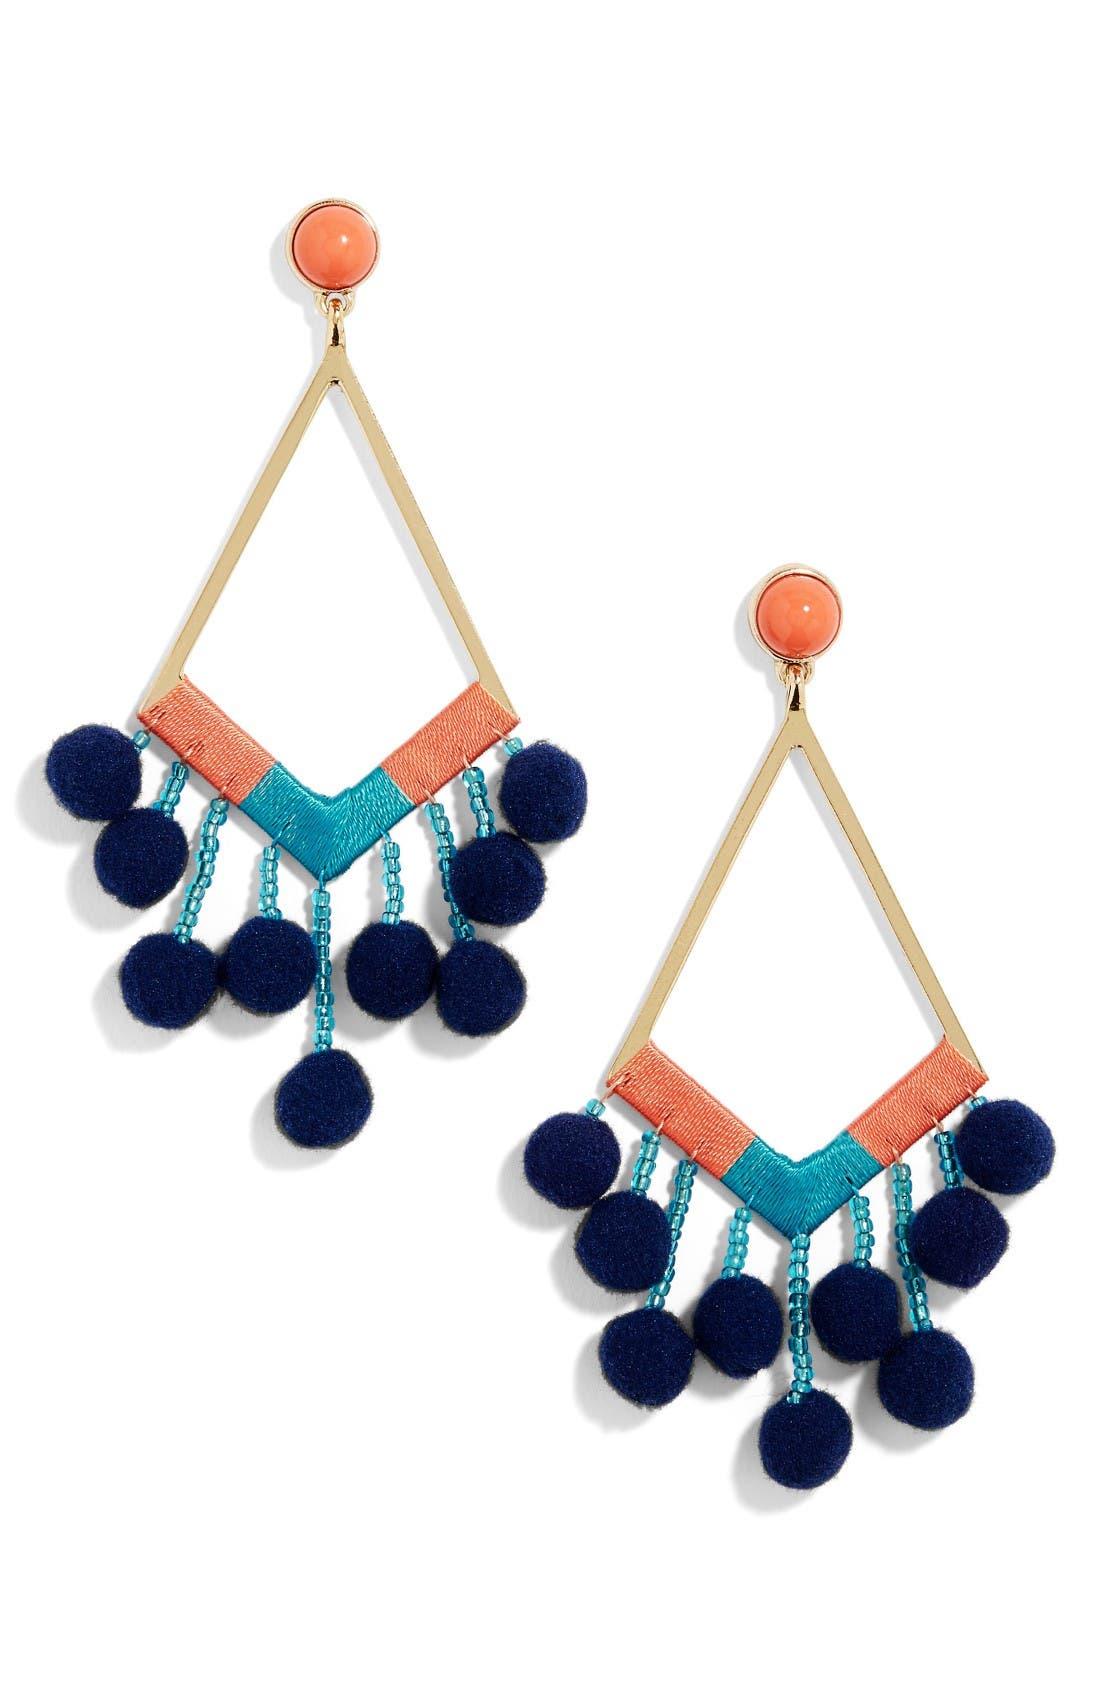 Geo Drop Earrings,                         Main,                         color, Orange